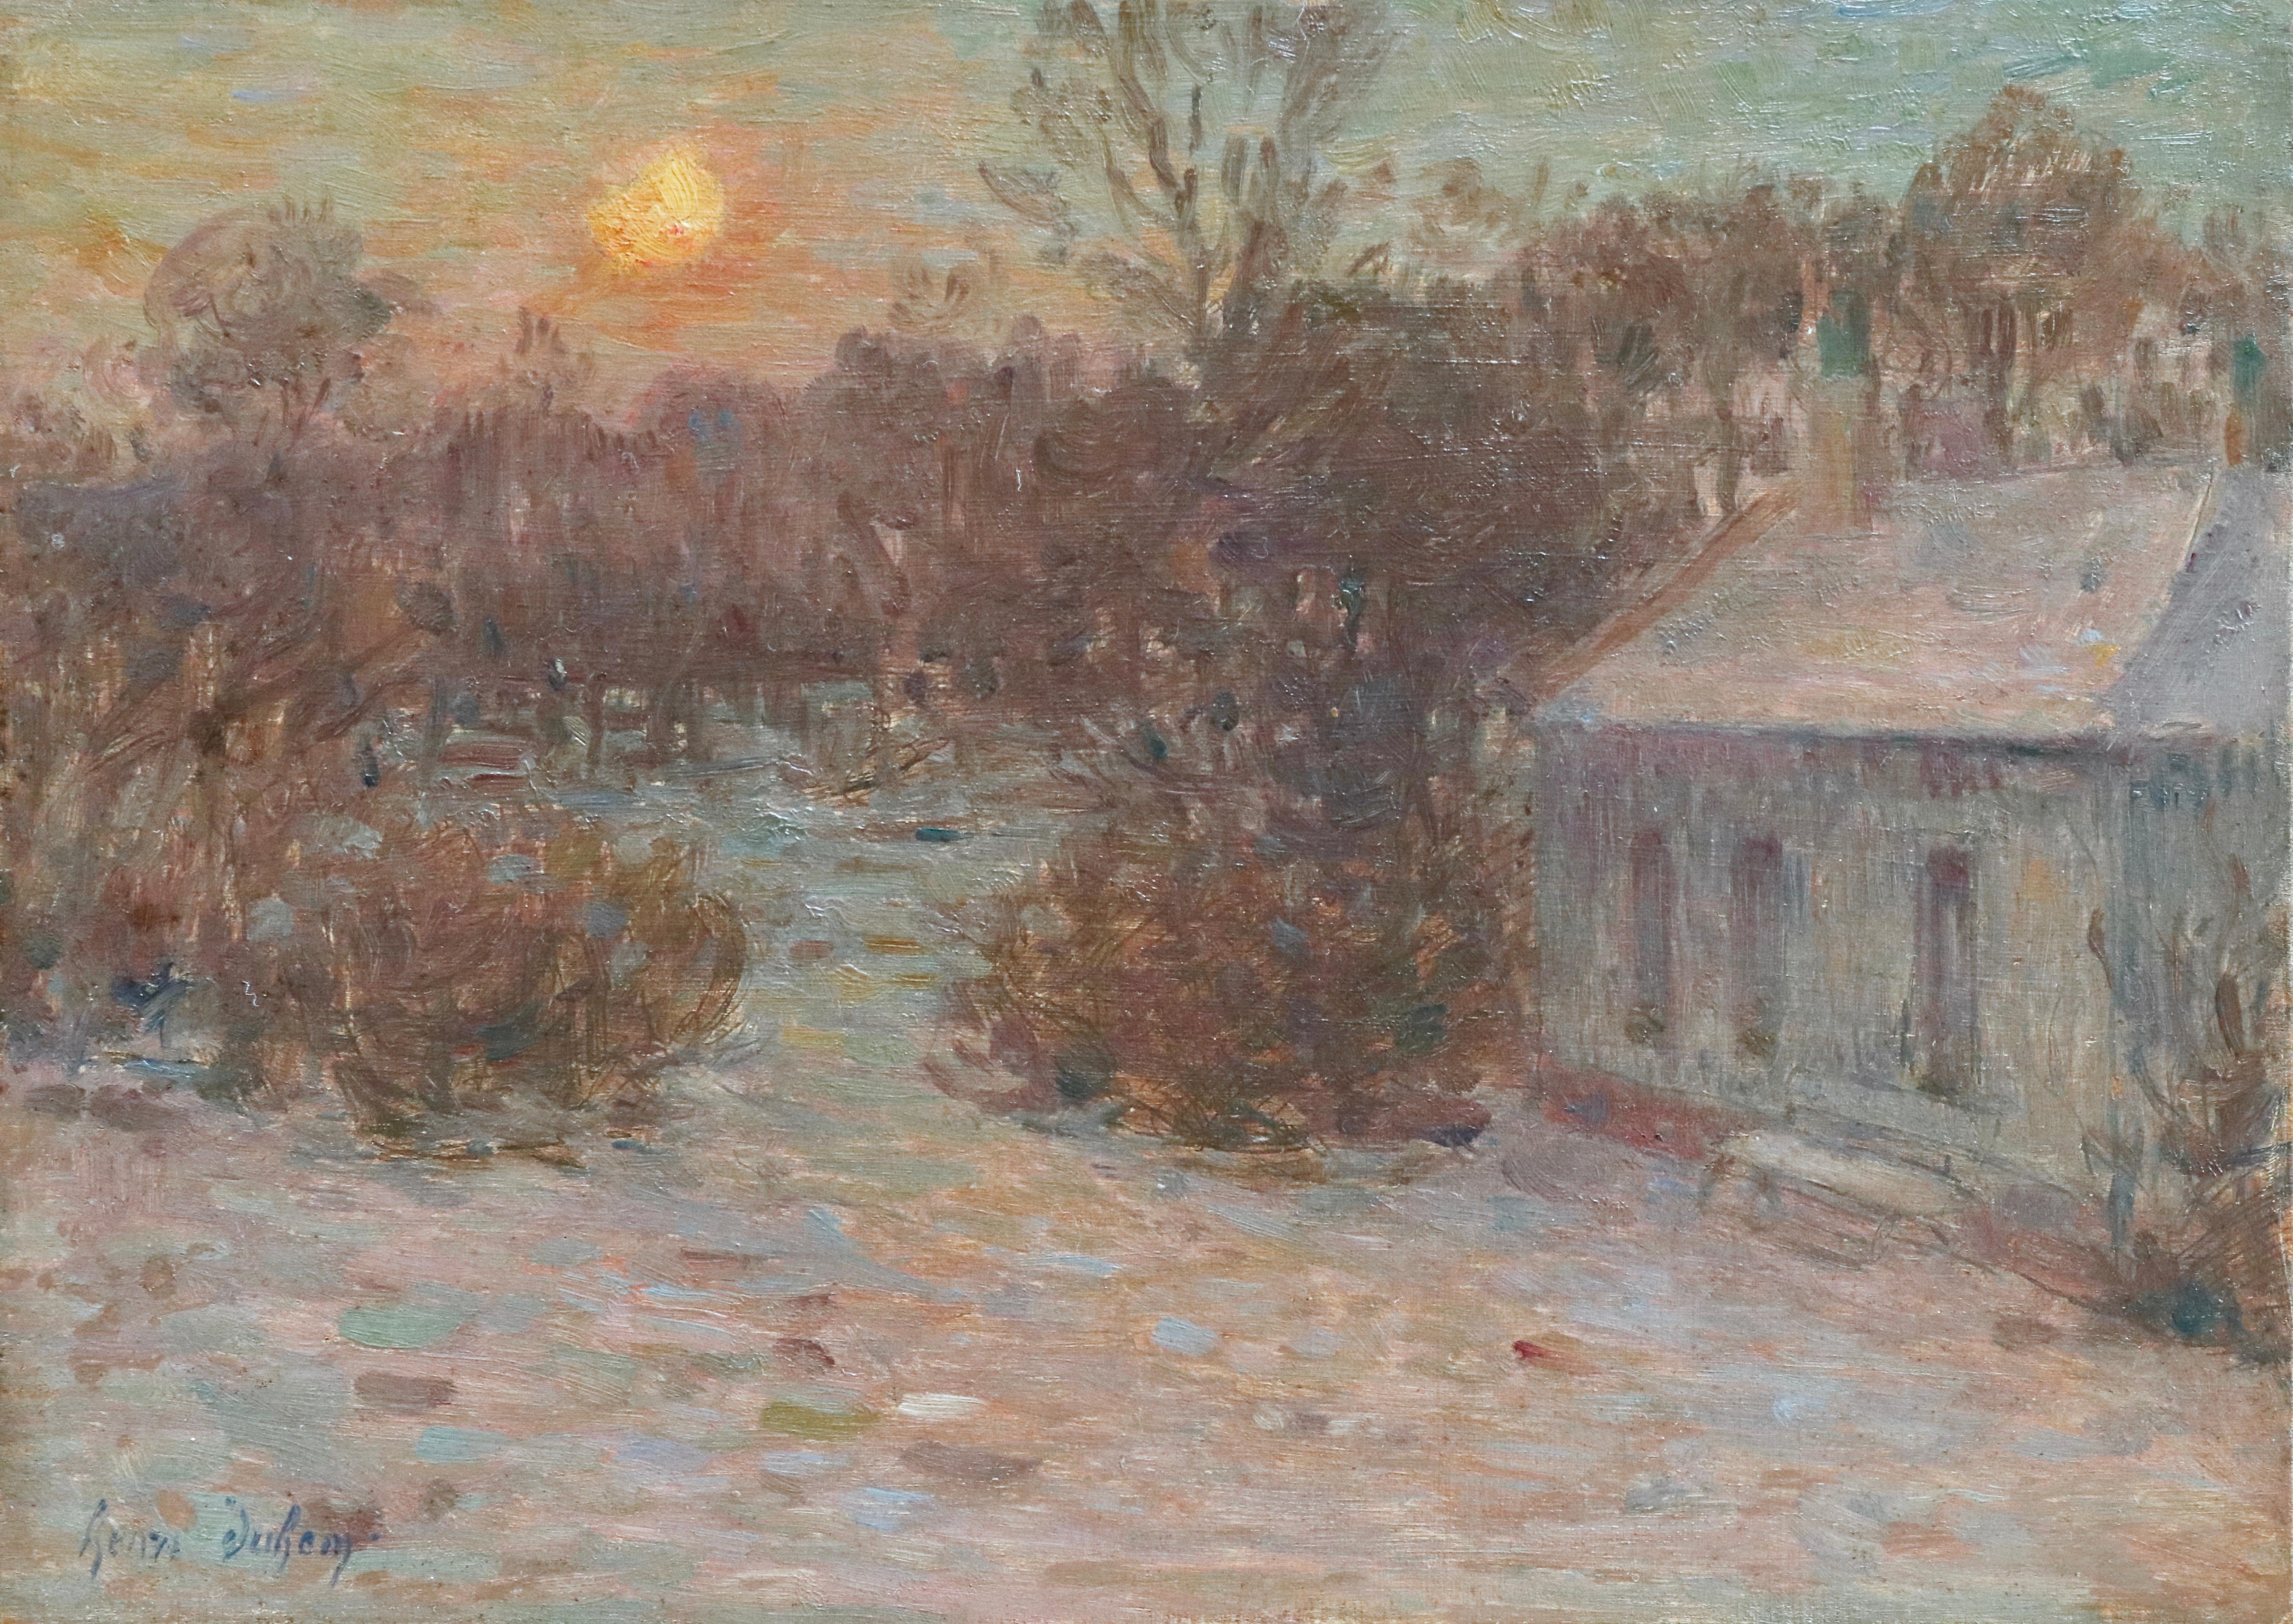 Soirée d'Hiver - 19th Century Oil, Winter Evening Snow Landscape by Henri Duhem